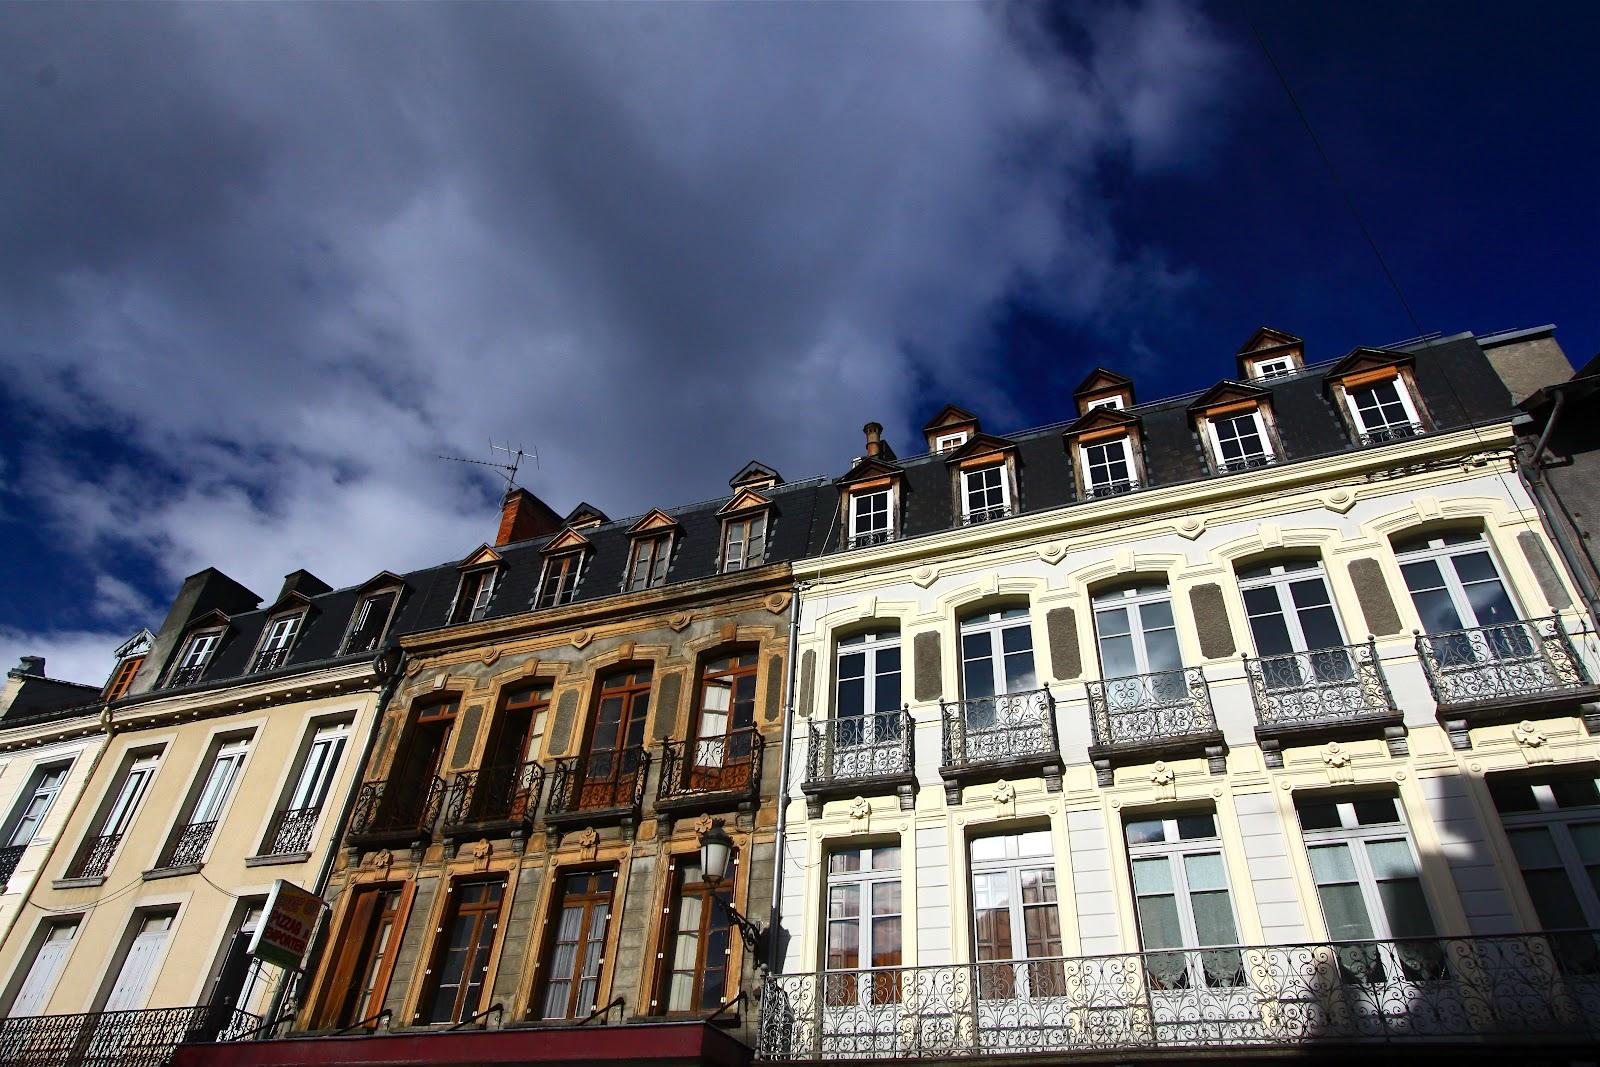 Bagneres-de-Luchon France  city photos gallery : BAGNÈRES DE LUCHON / FRANCE | MIRATGES | fotoblog by Joan González ...